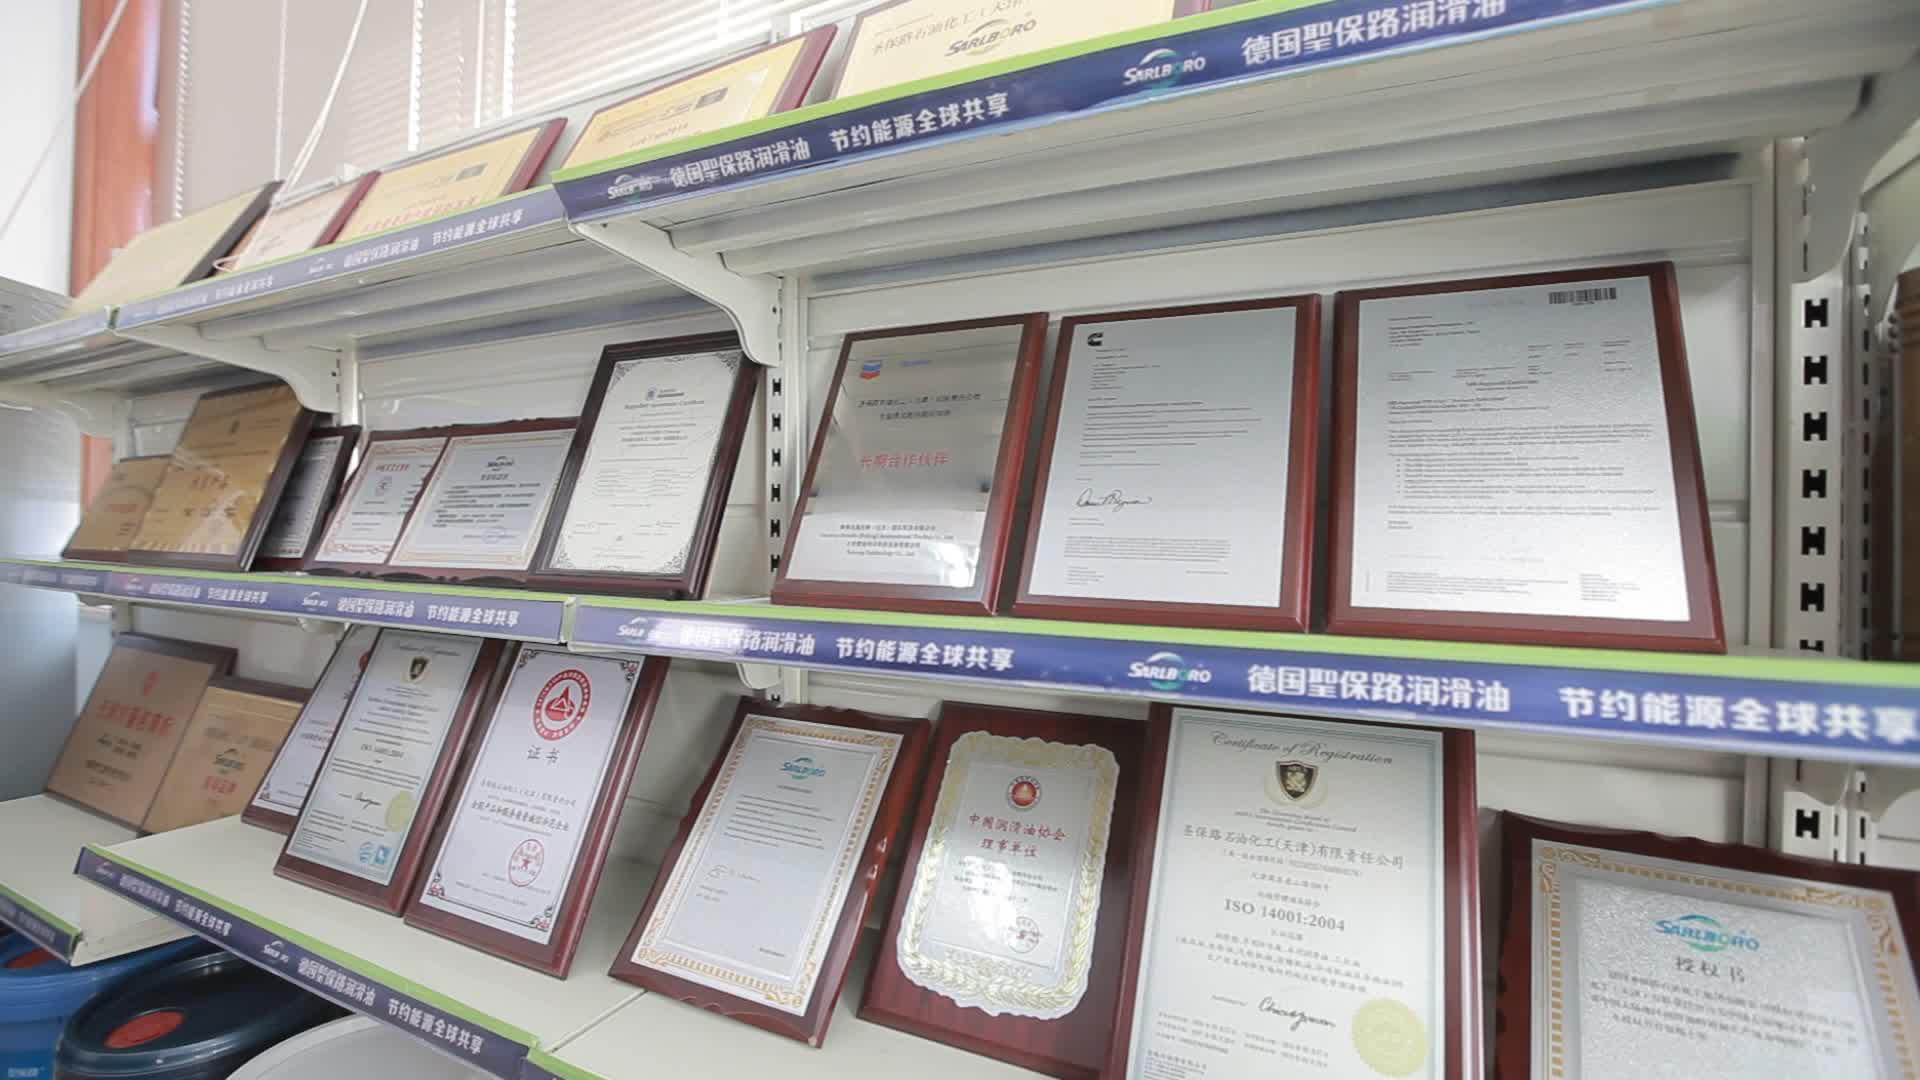 Nhiều tác dụng chất chống đông Radiator Coolant Chất Chống Đông cho Động Cơ